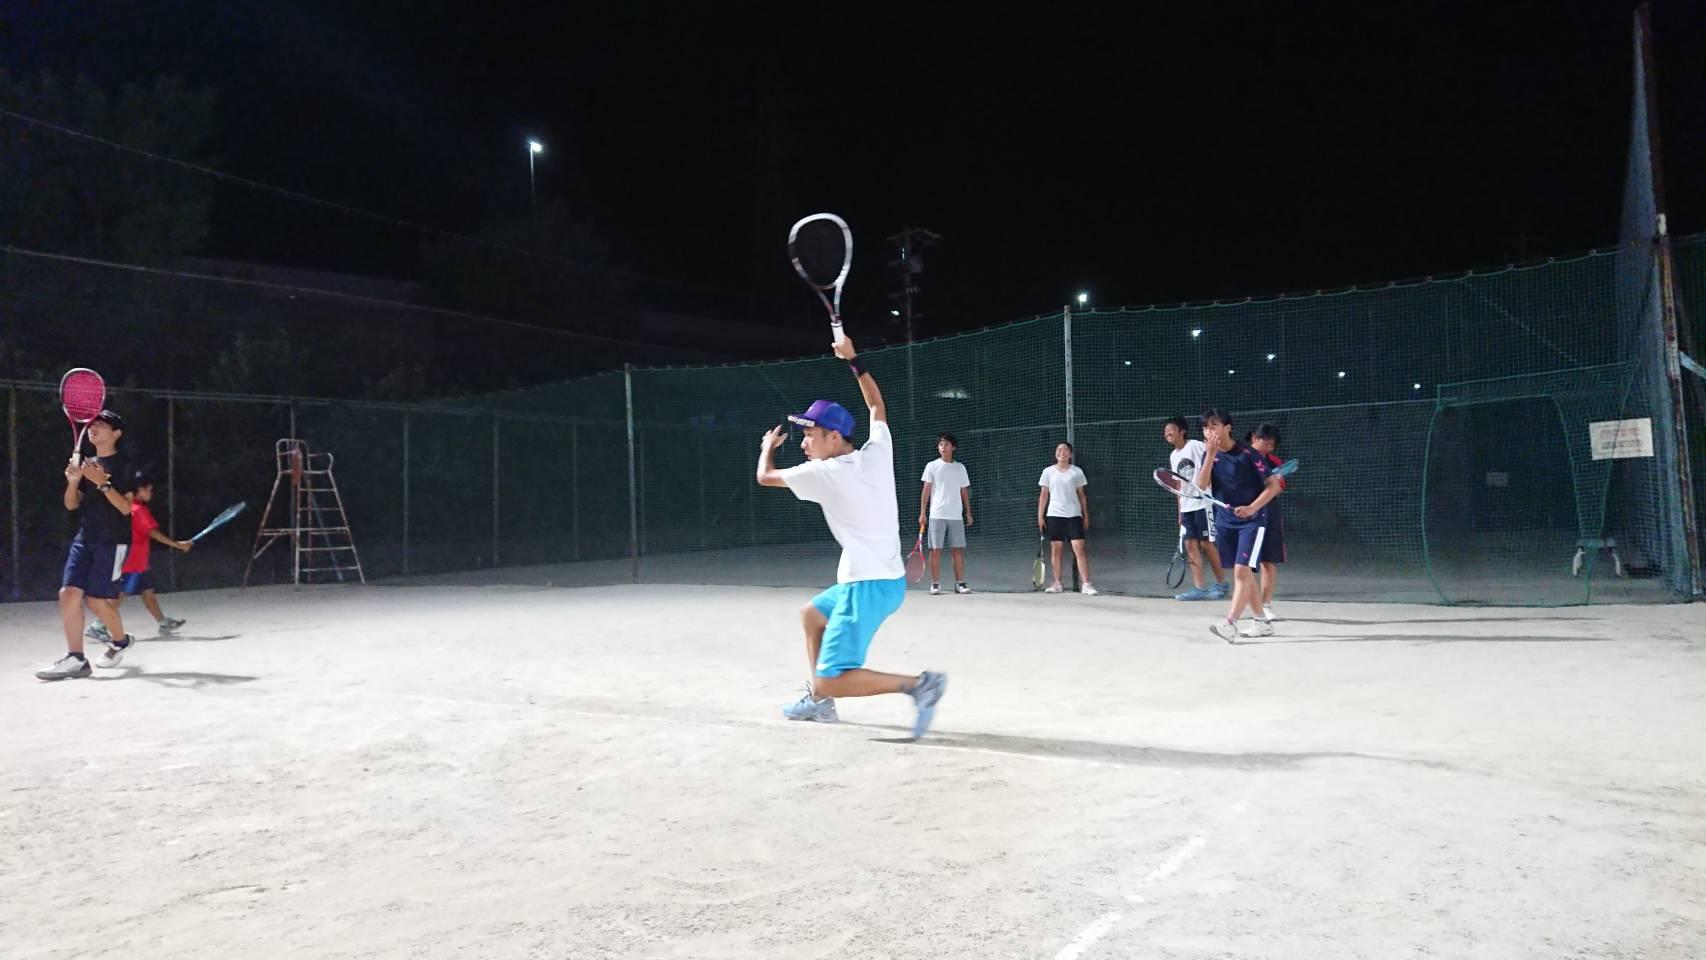 ソフトテニスレッスンイメージ